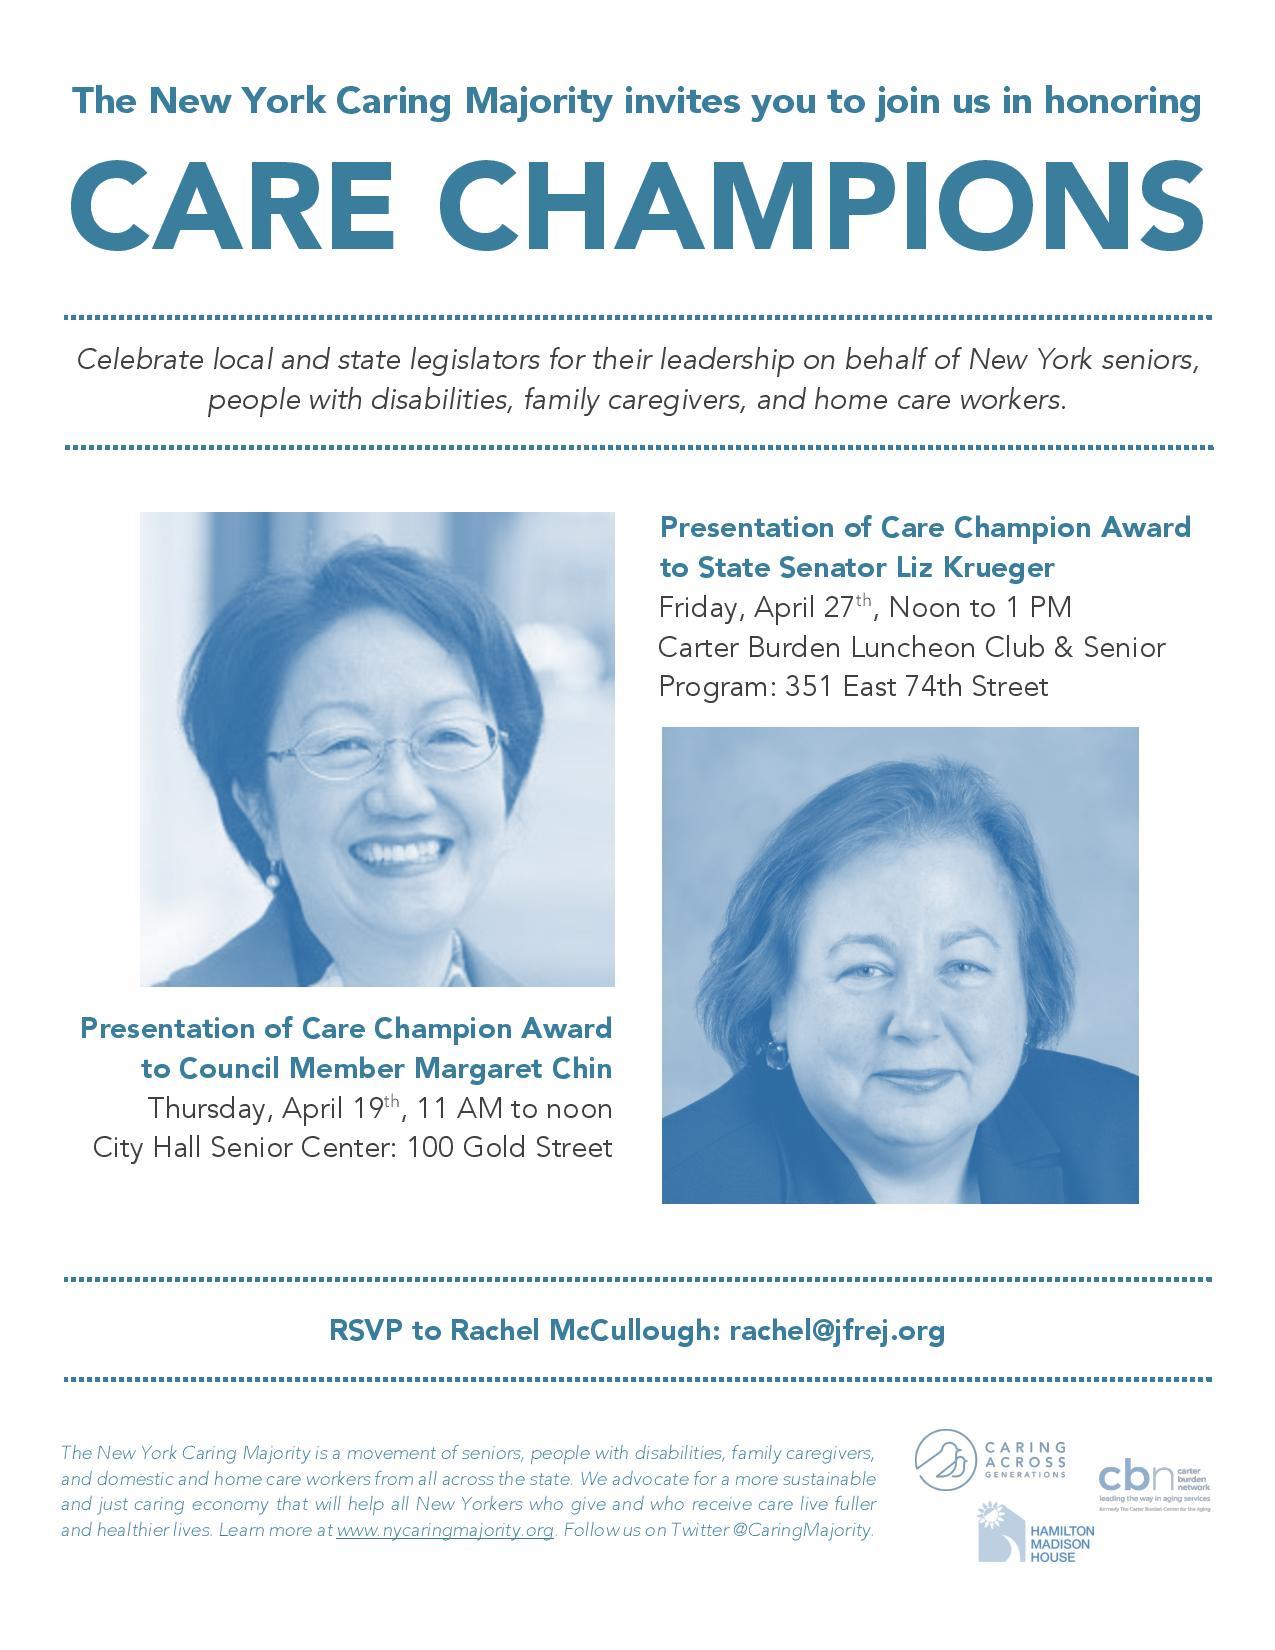 NY Caring Majority Care Champions flyer_v1.2-page-001.jpg